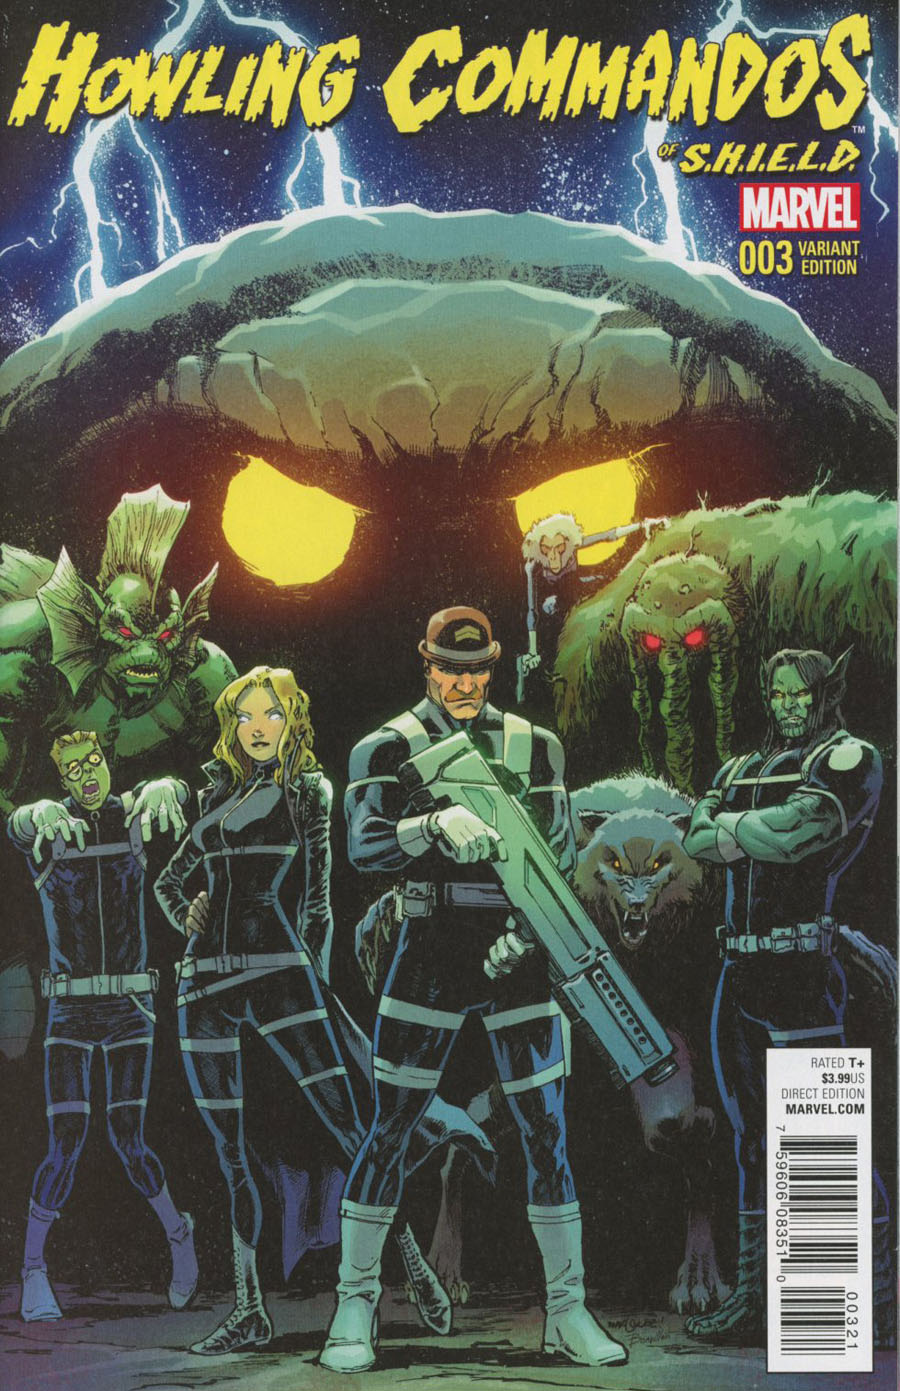 Howling Commandos Of S.H.I.E.L.D. #3 Cover B Incentive David Marquez Variant Cover